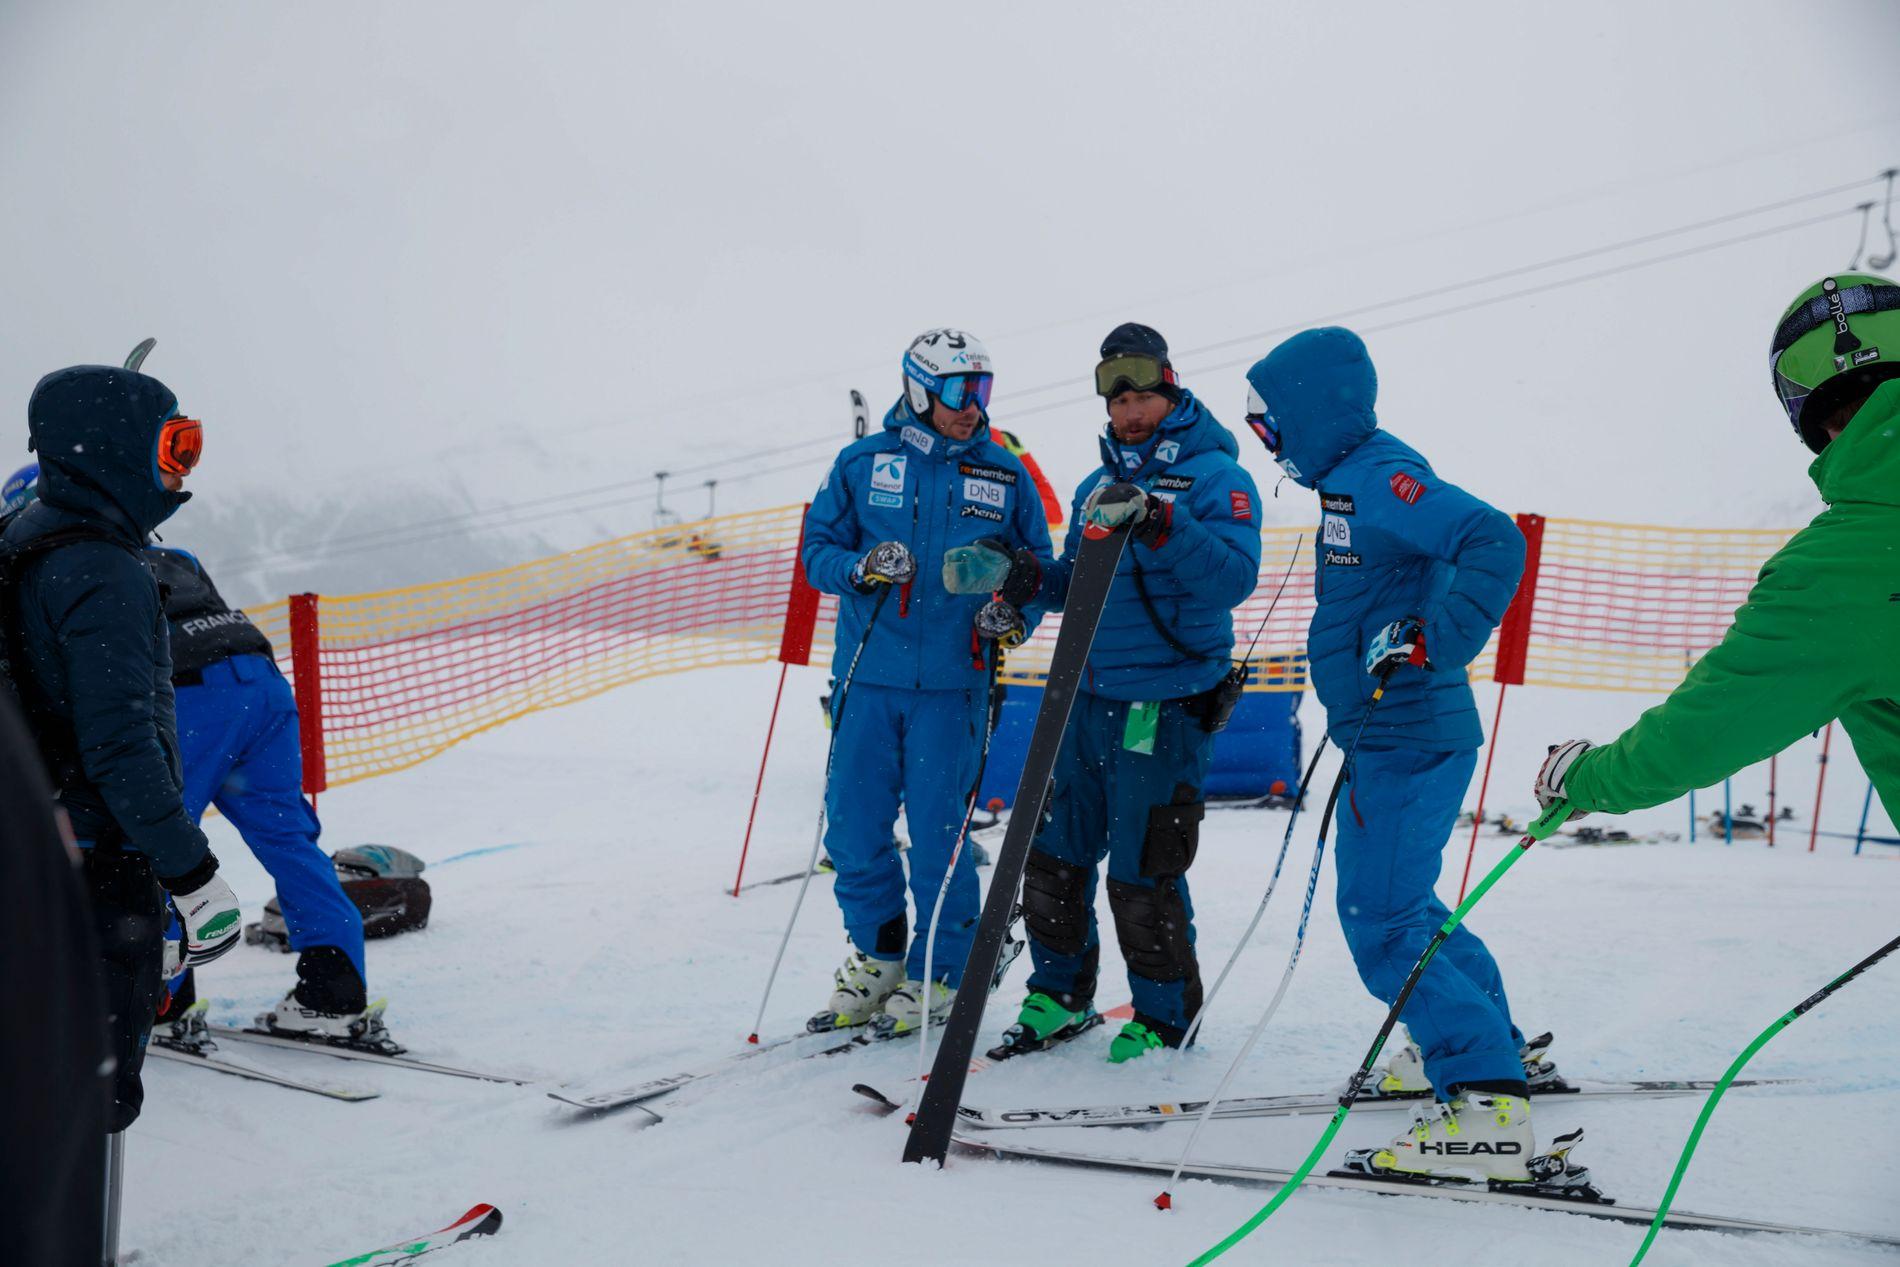 FÅ NY KOMITELEDER: Kjetil Jansrud og Aleksander Aamodt Kilde under inspeksjonen av utforløypa i St. Moritz mandag. Alpinkomiteens leder, Trond Olsen, gikk av få dager tidligere.